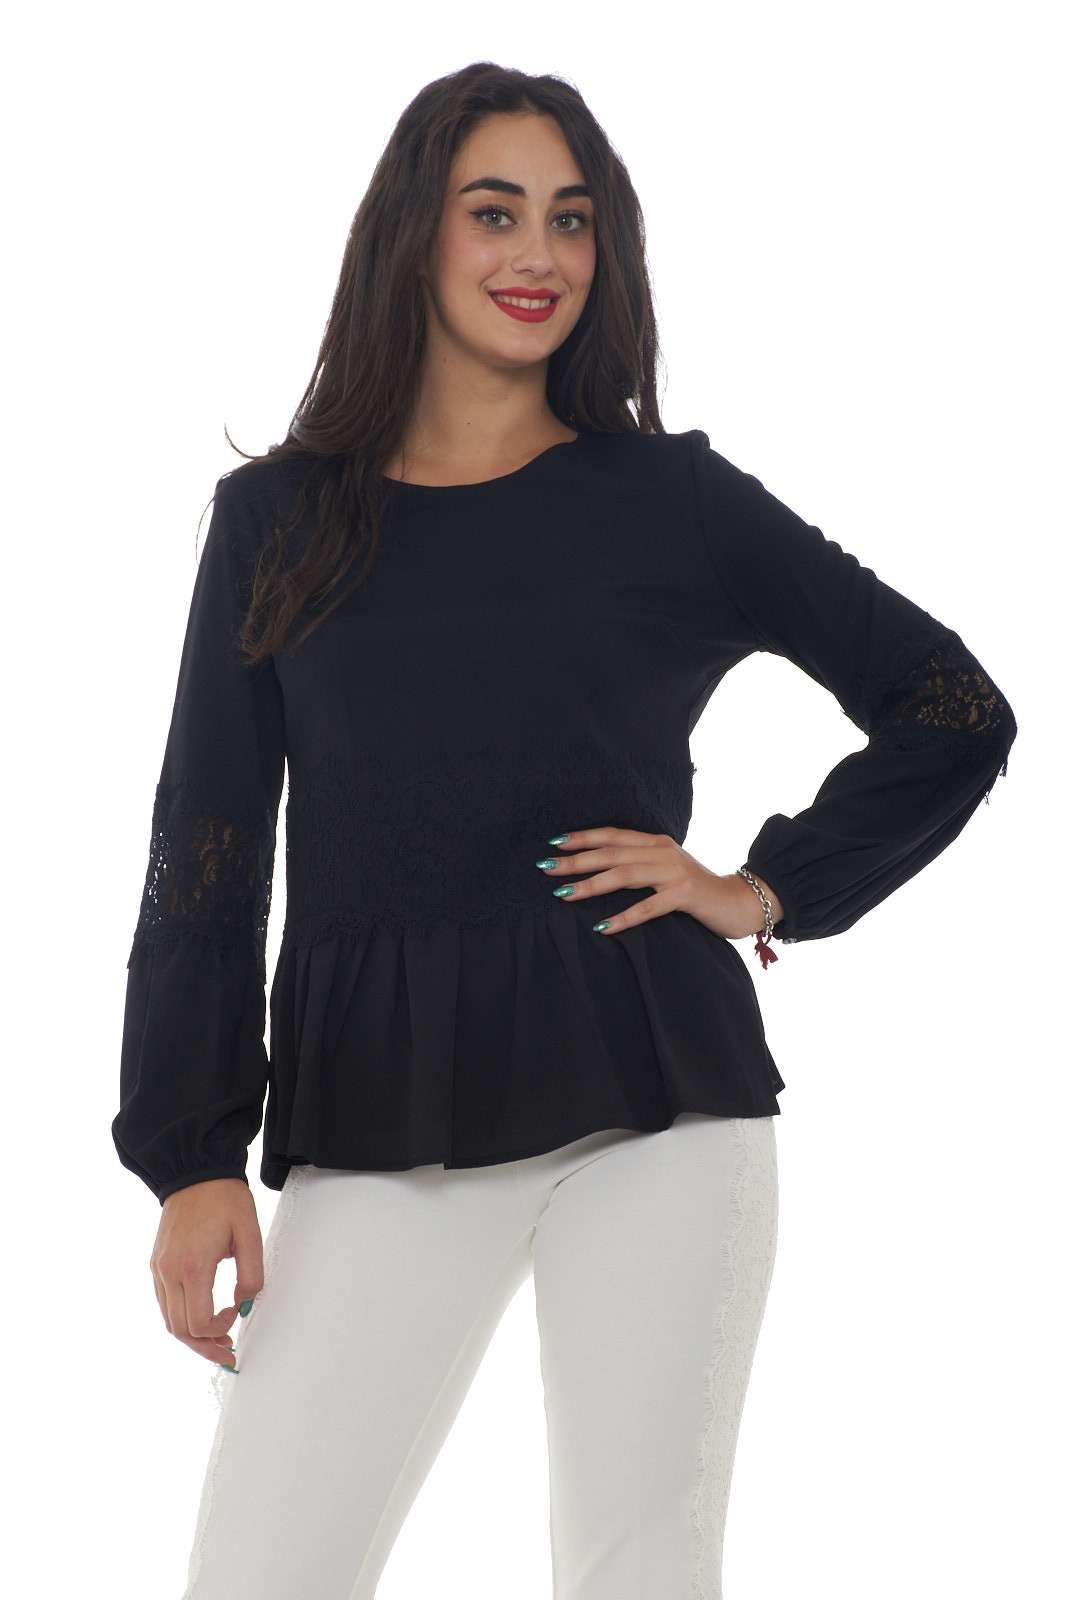 https://www.parmax.com/media/catalog/product/a/i/AI-outlet_parmax-blusa-donna-Twin-Set-192TT2213-A.jpg